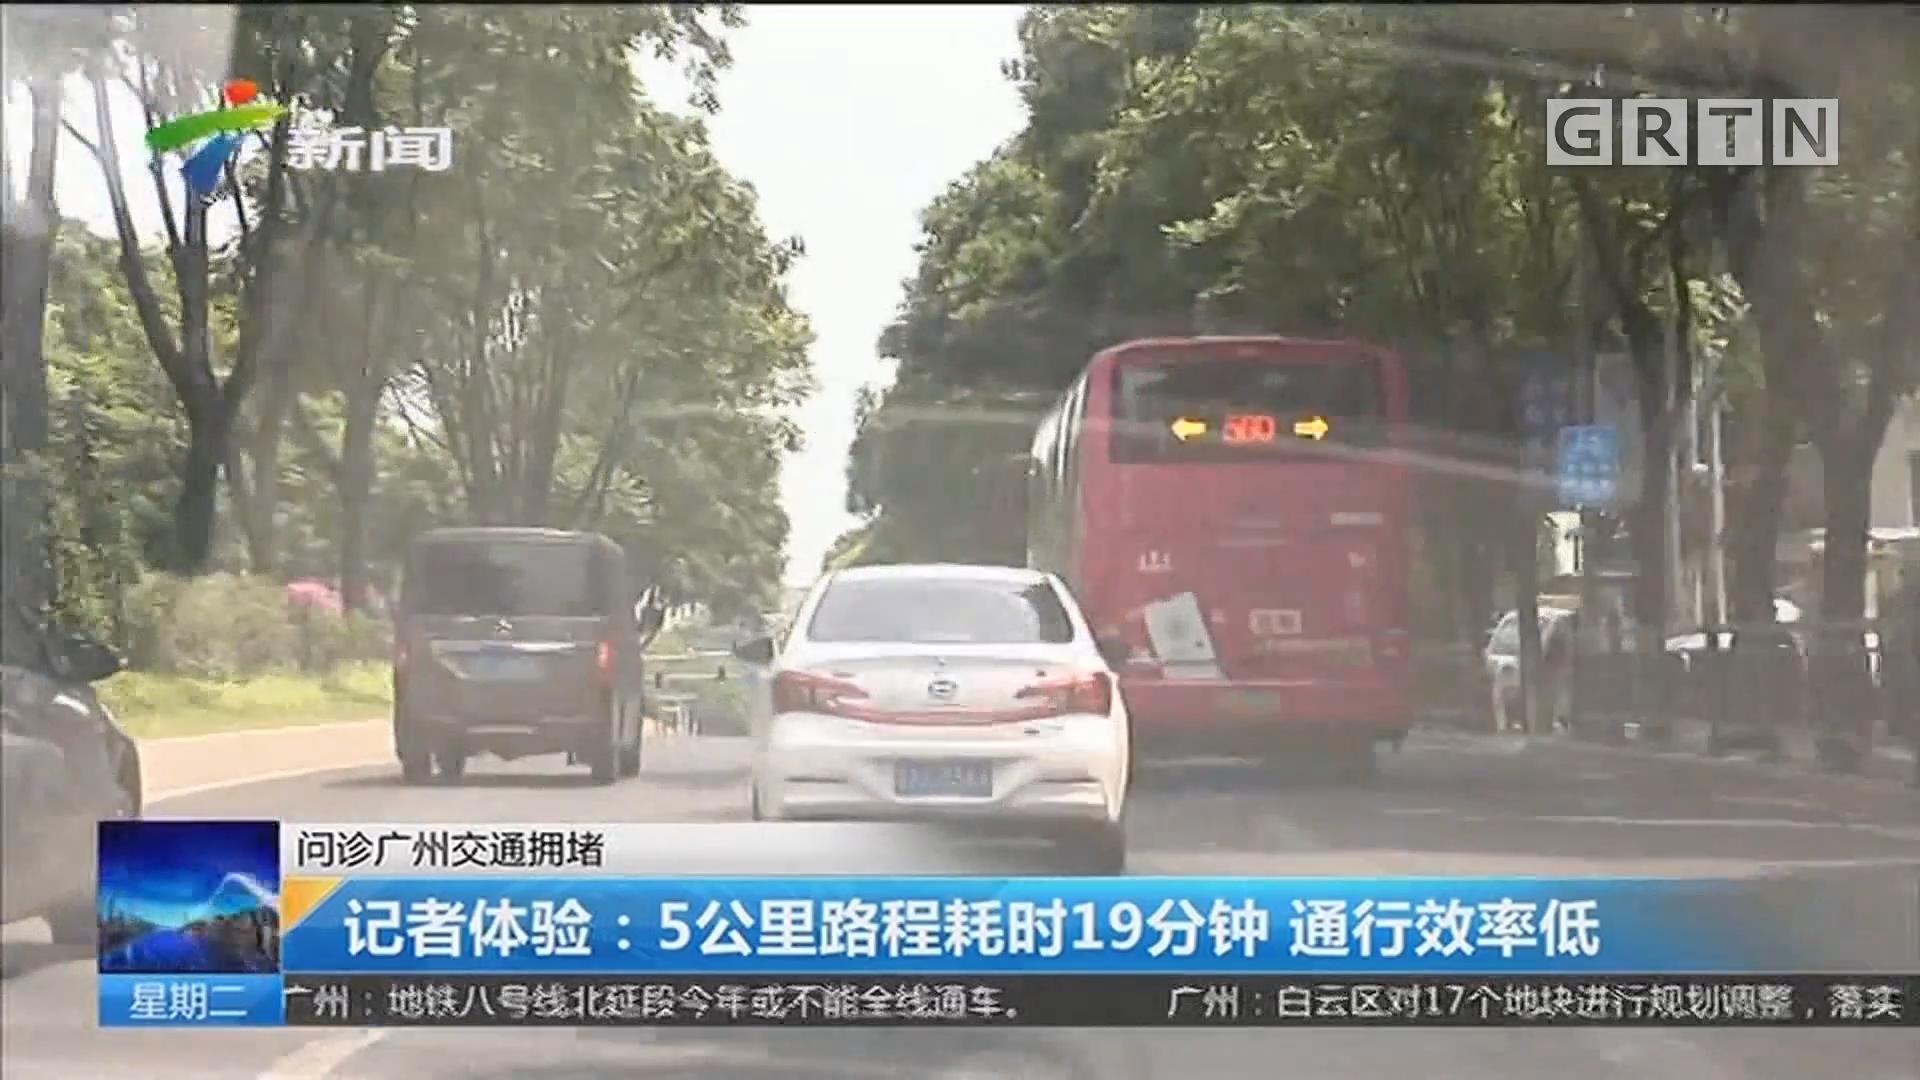 问诊广州交通拥堵 记者体验:5公里路程耗时19分钟 通行效率低